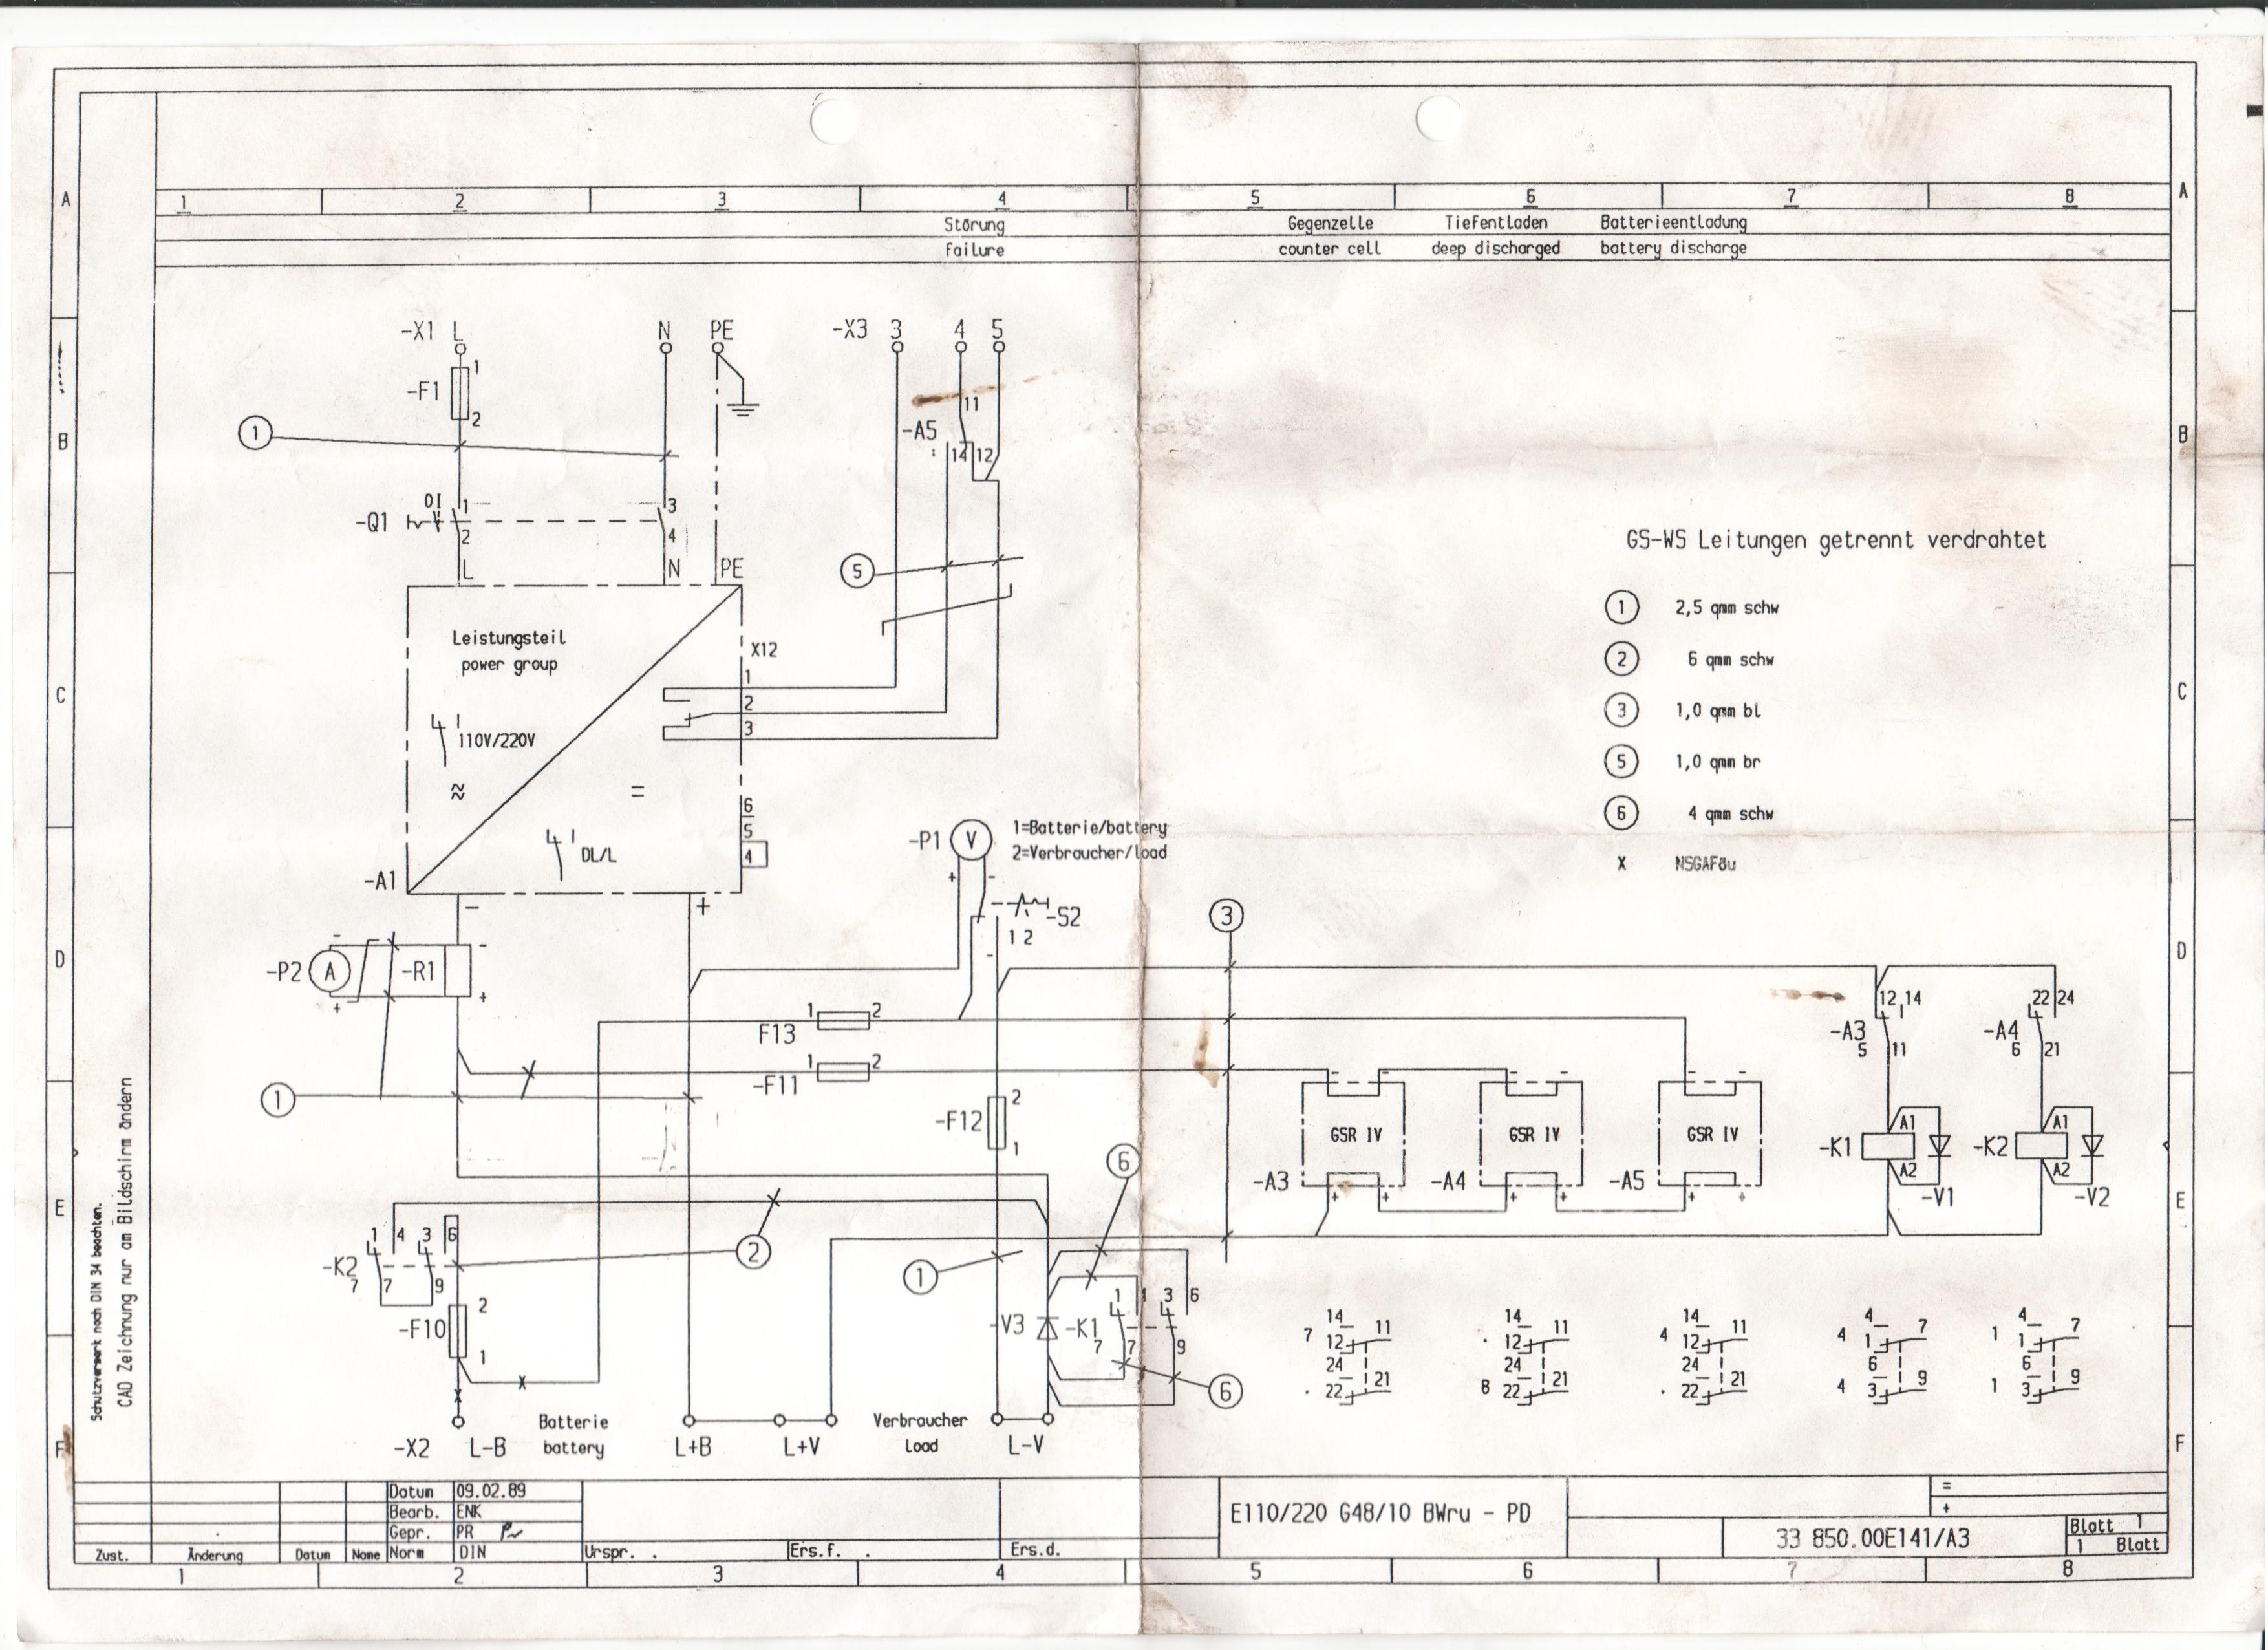 Identyfikacja sprz�tu po schemacie.